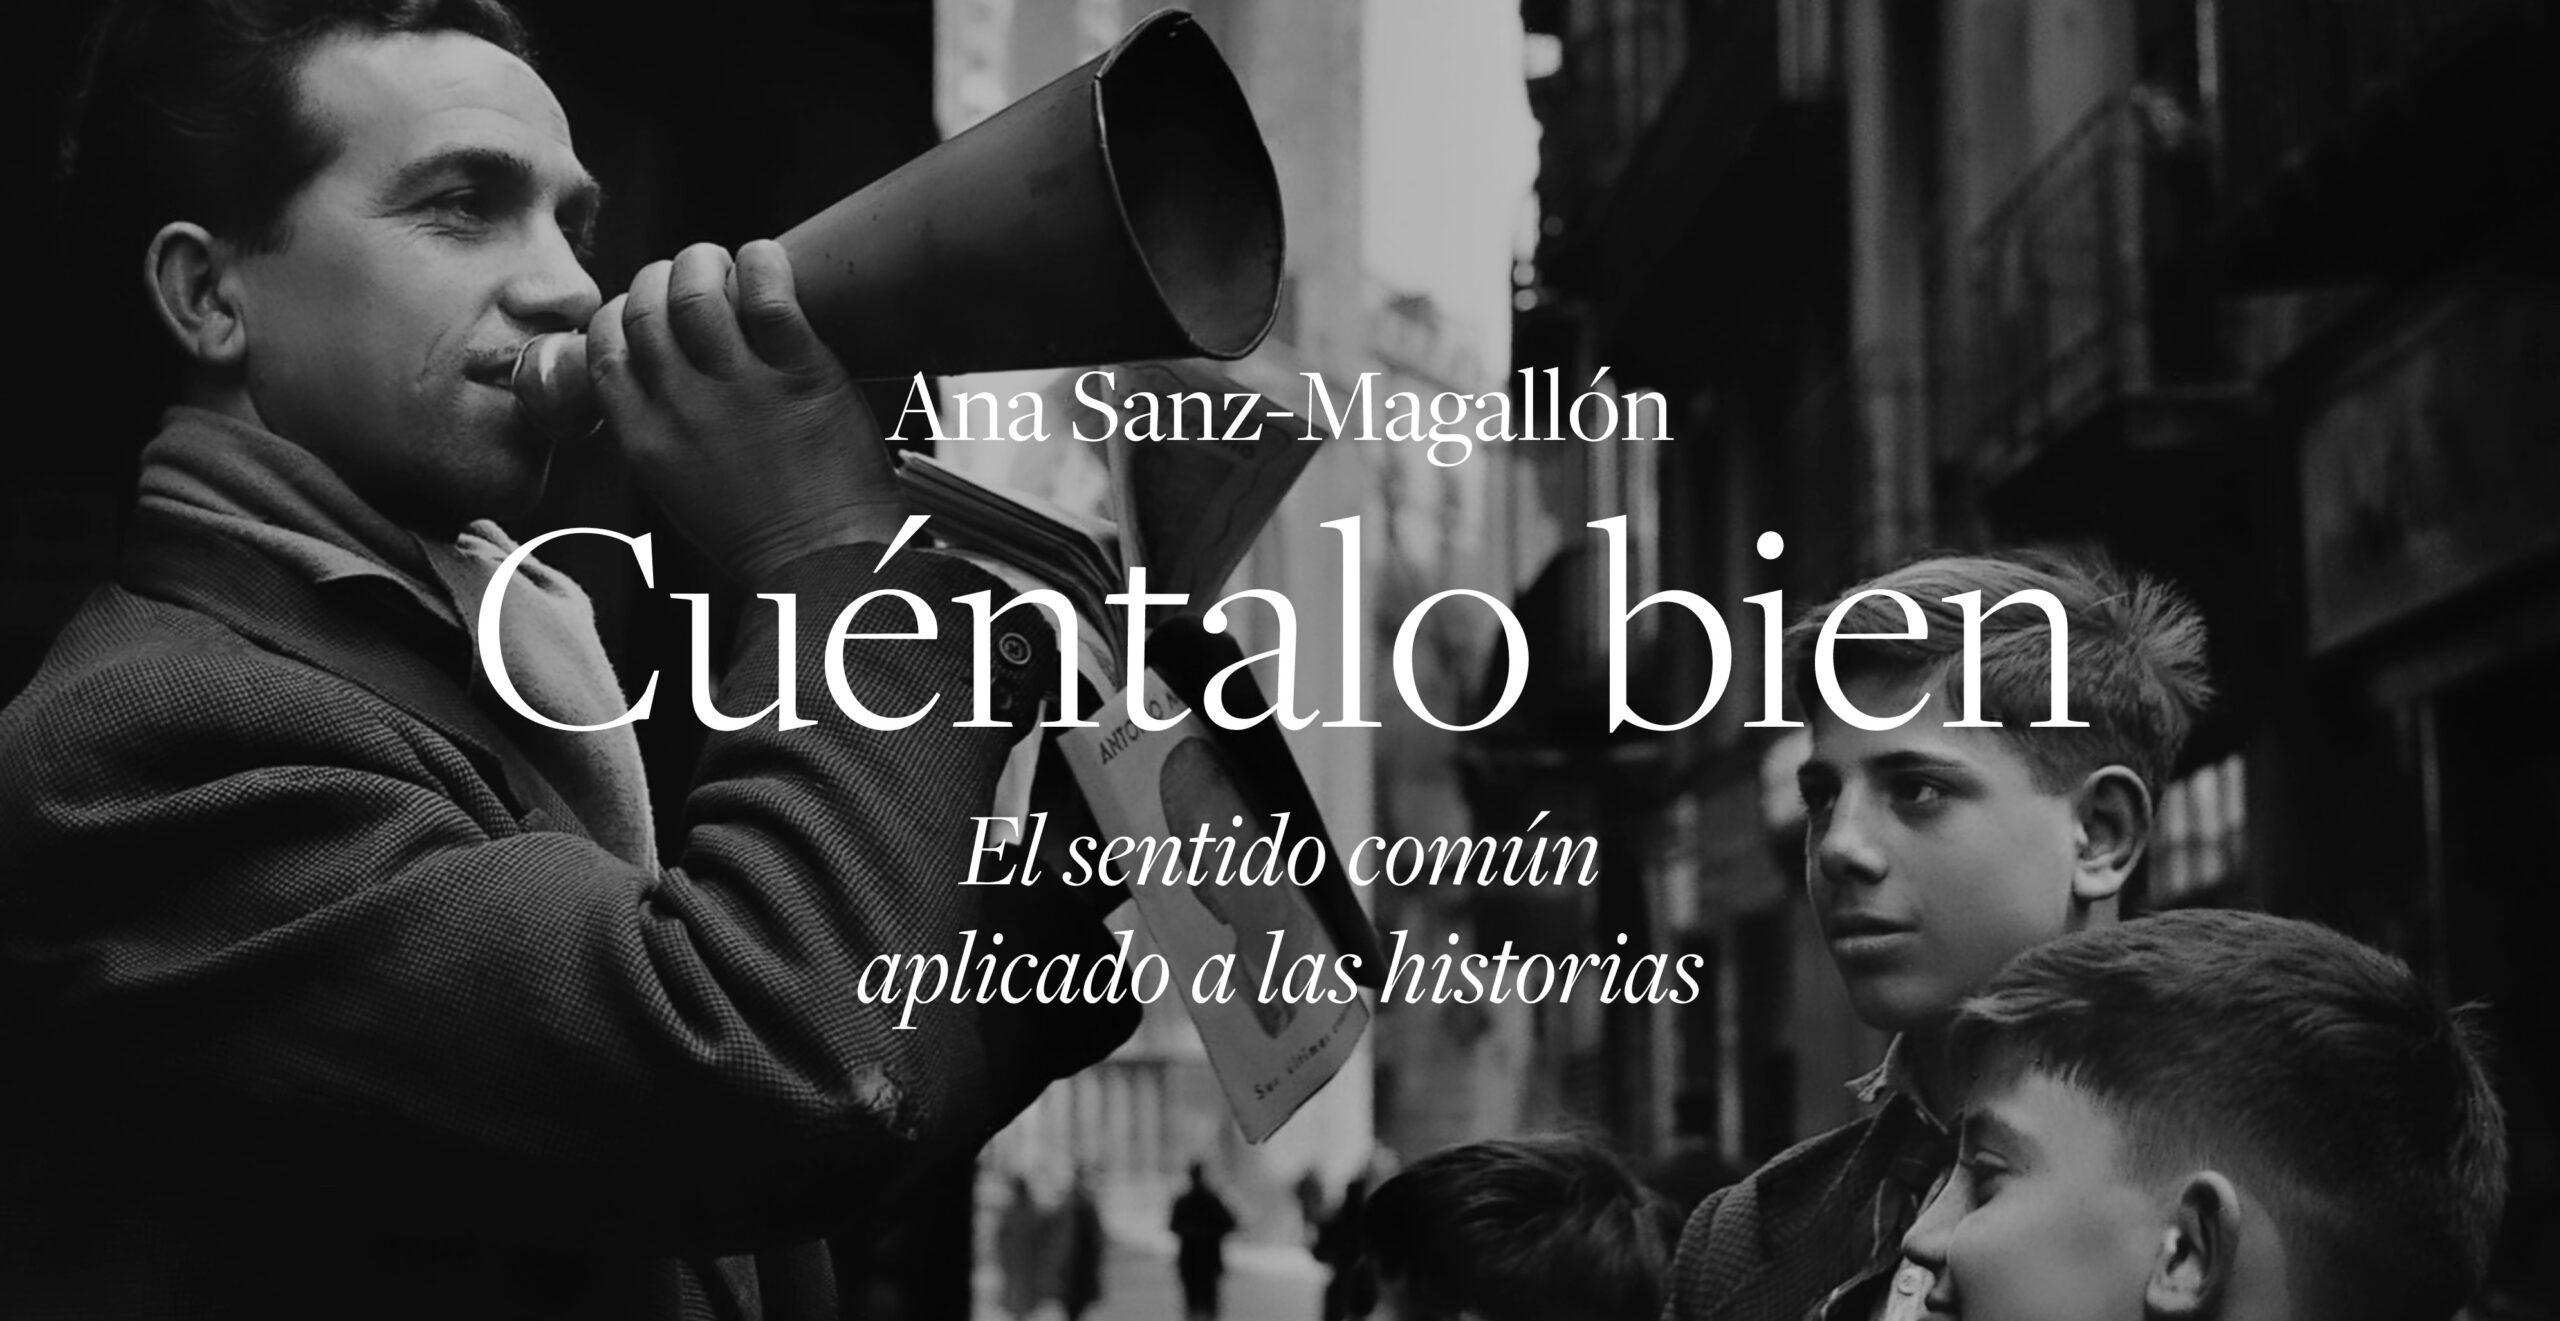 Cuéntalo bien Ana Sanz Magallón